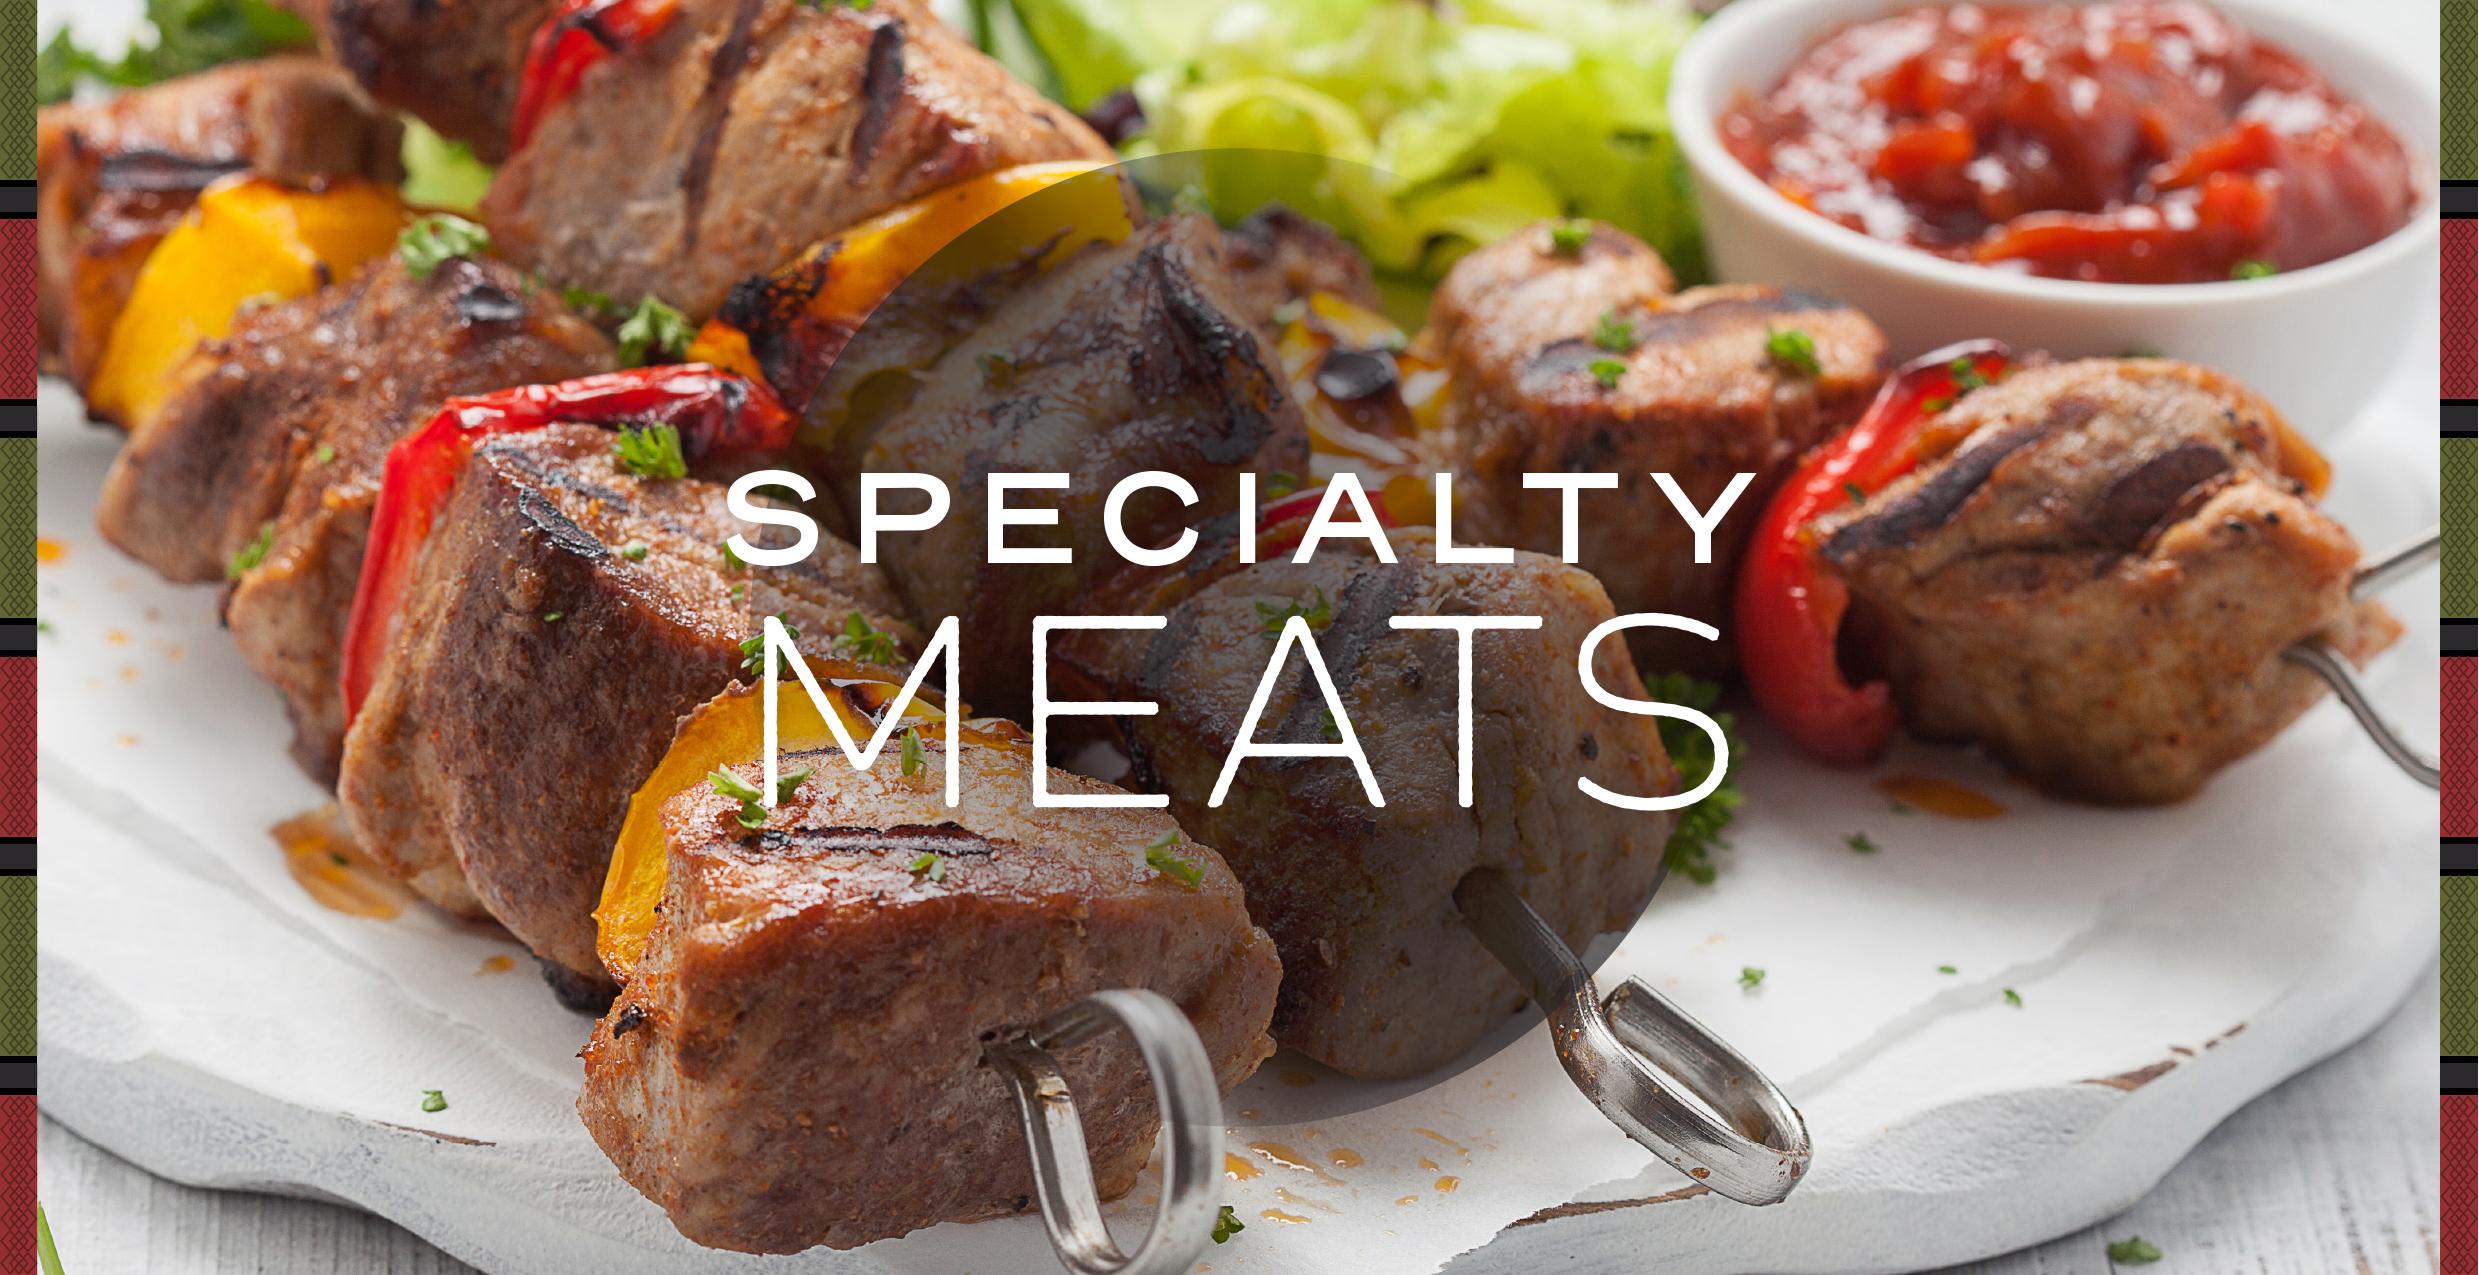 Raintree Specialty Meats